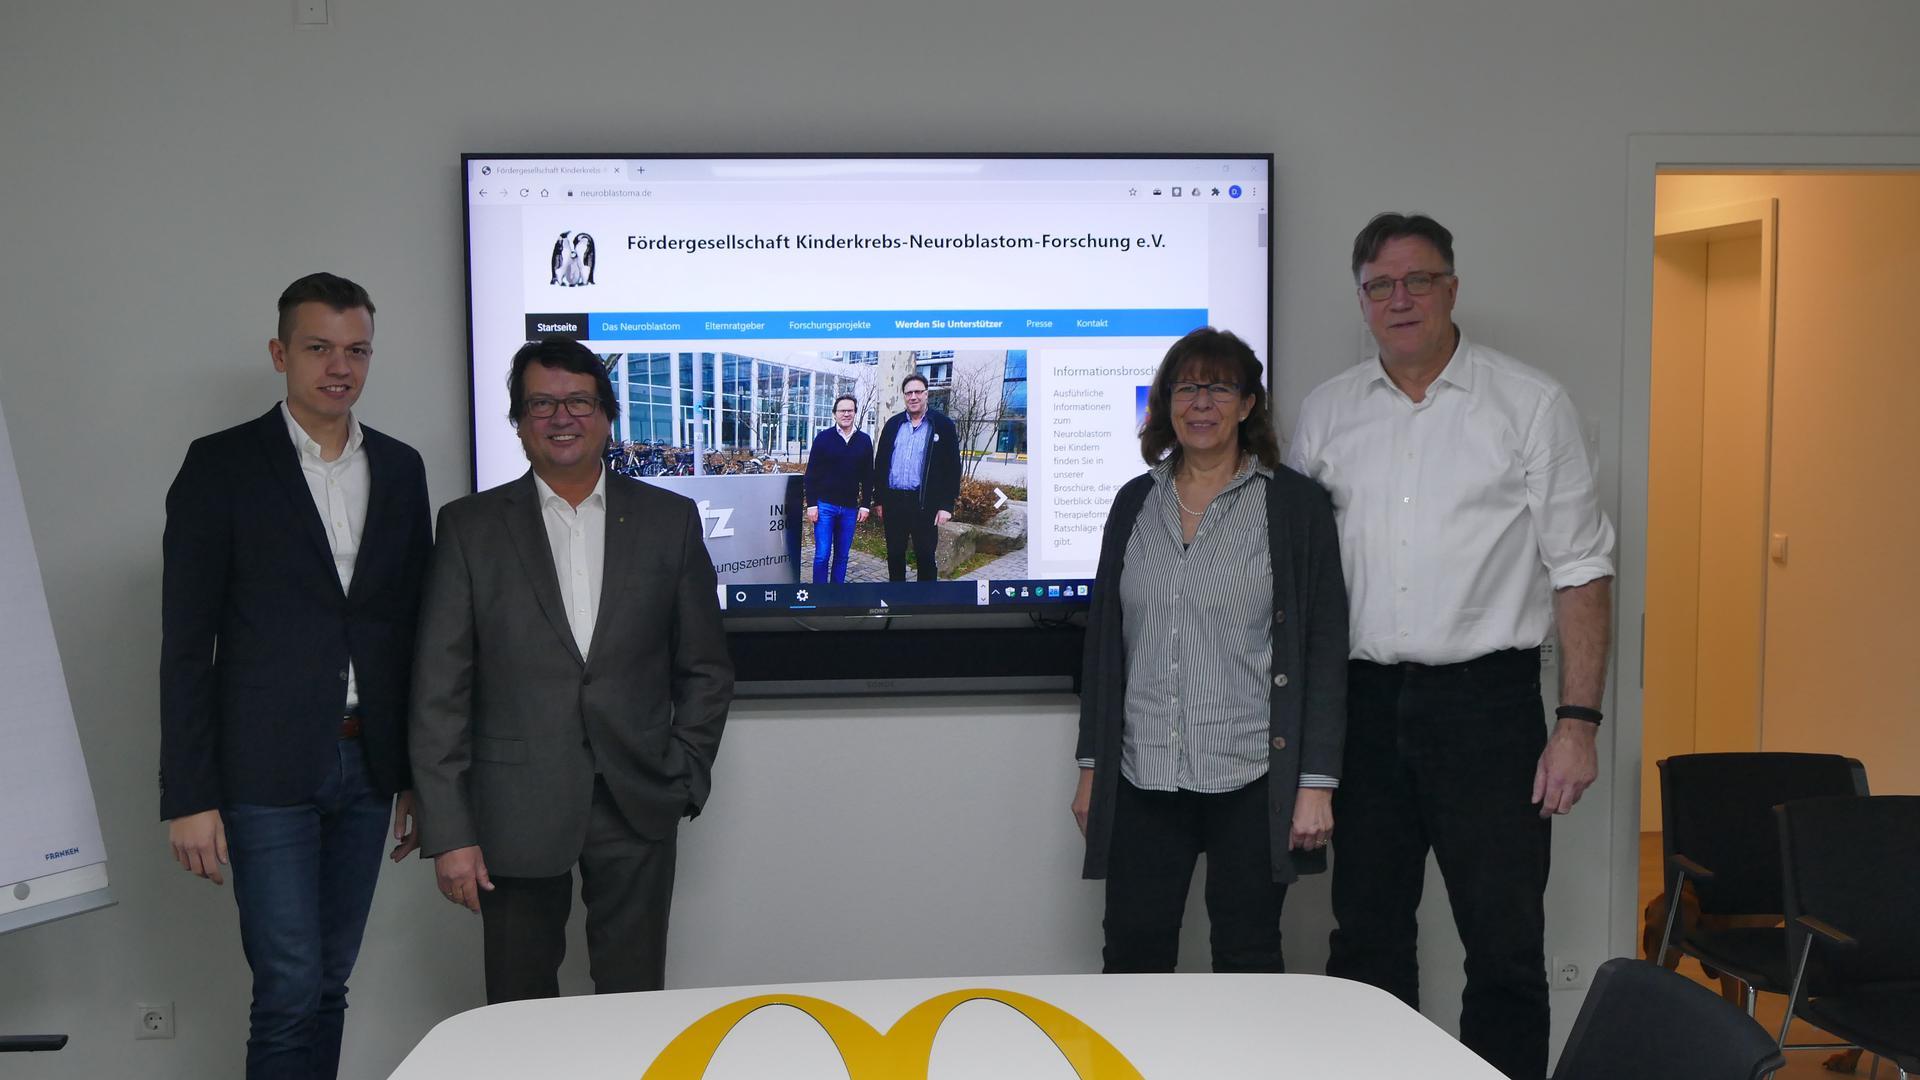 Vier Leute vor Monitor